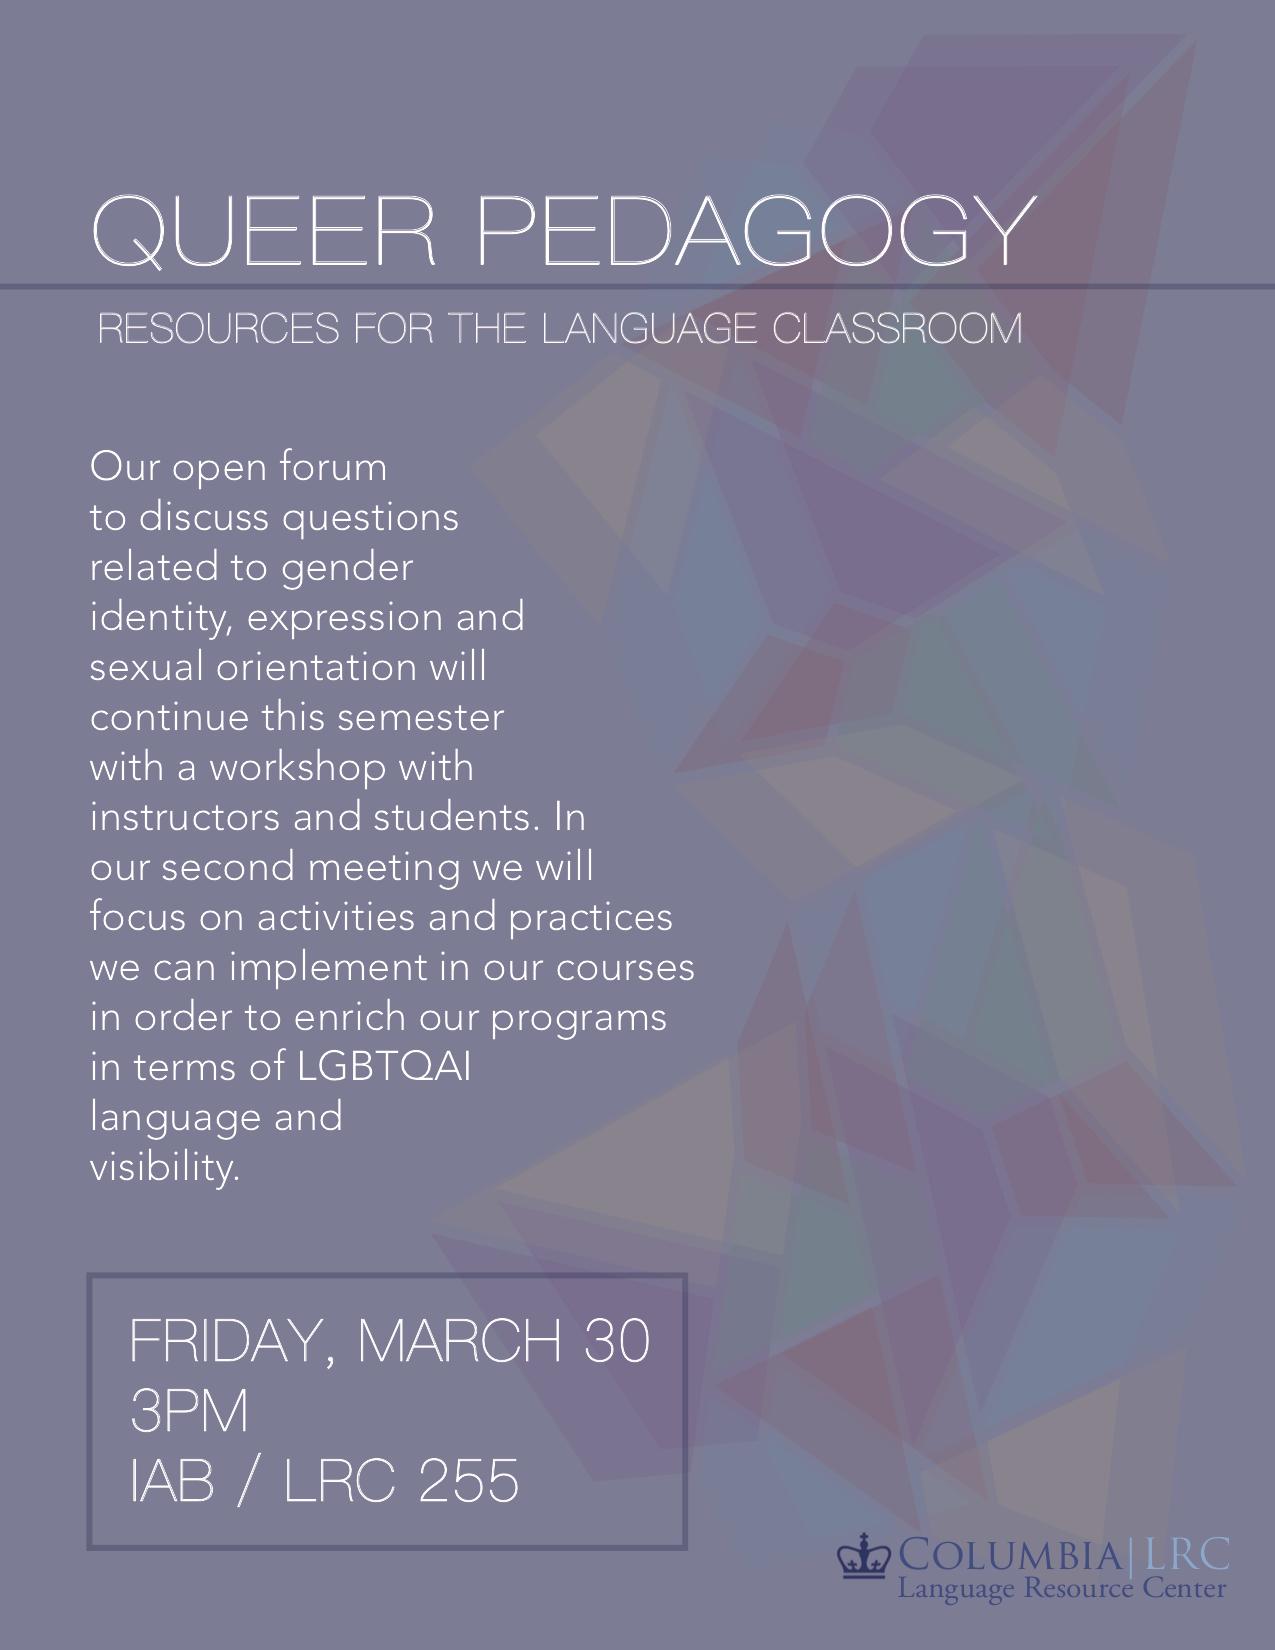 Queer Pedagogies Flyer